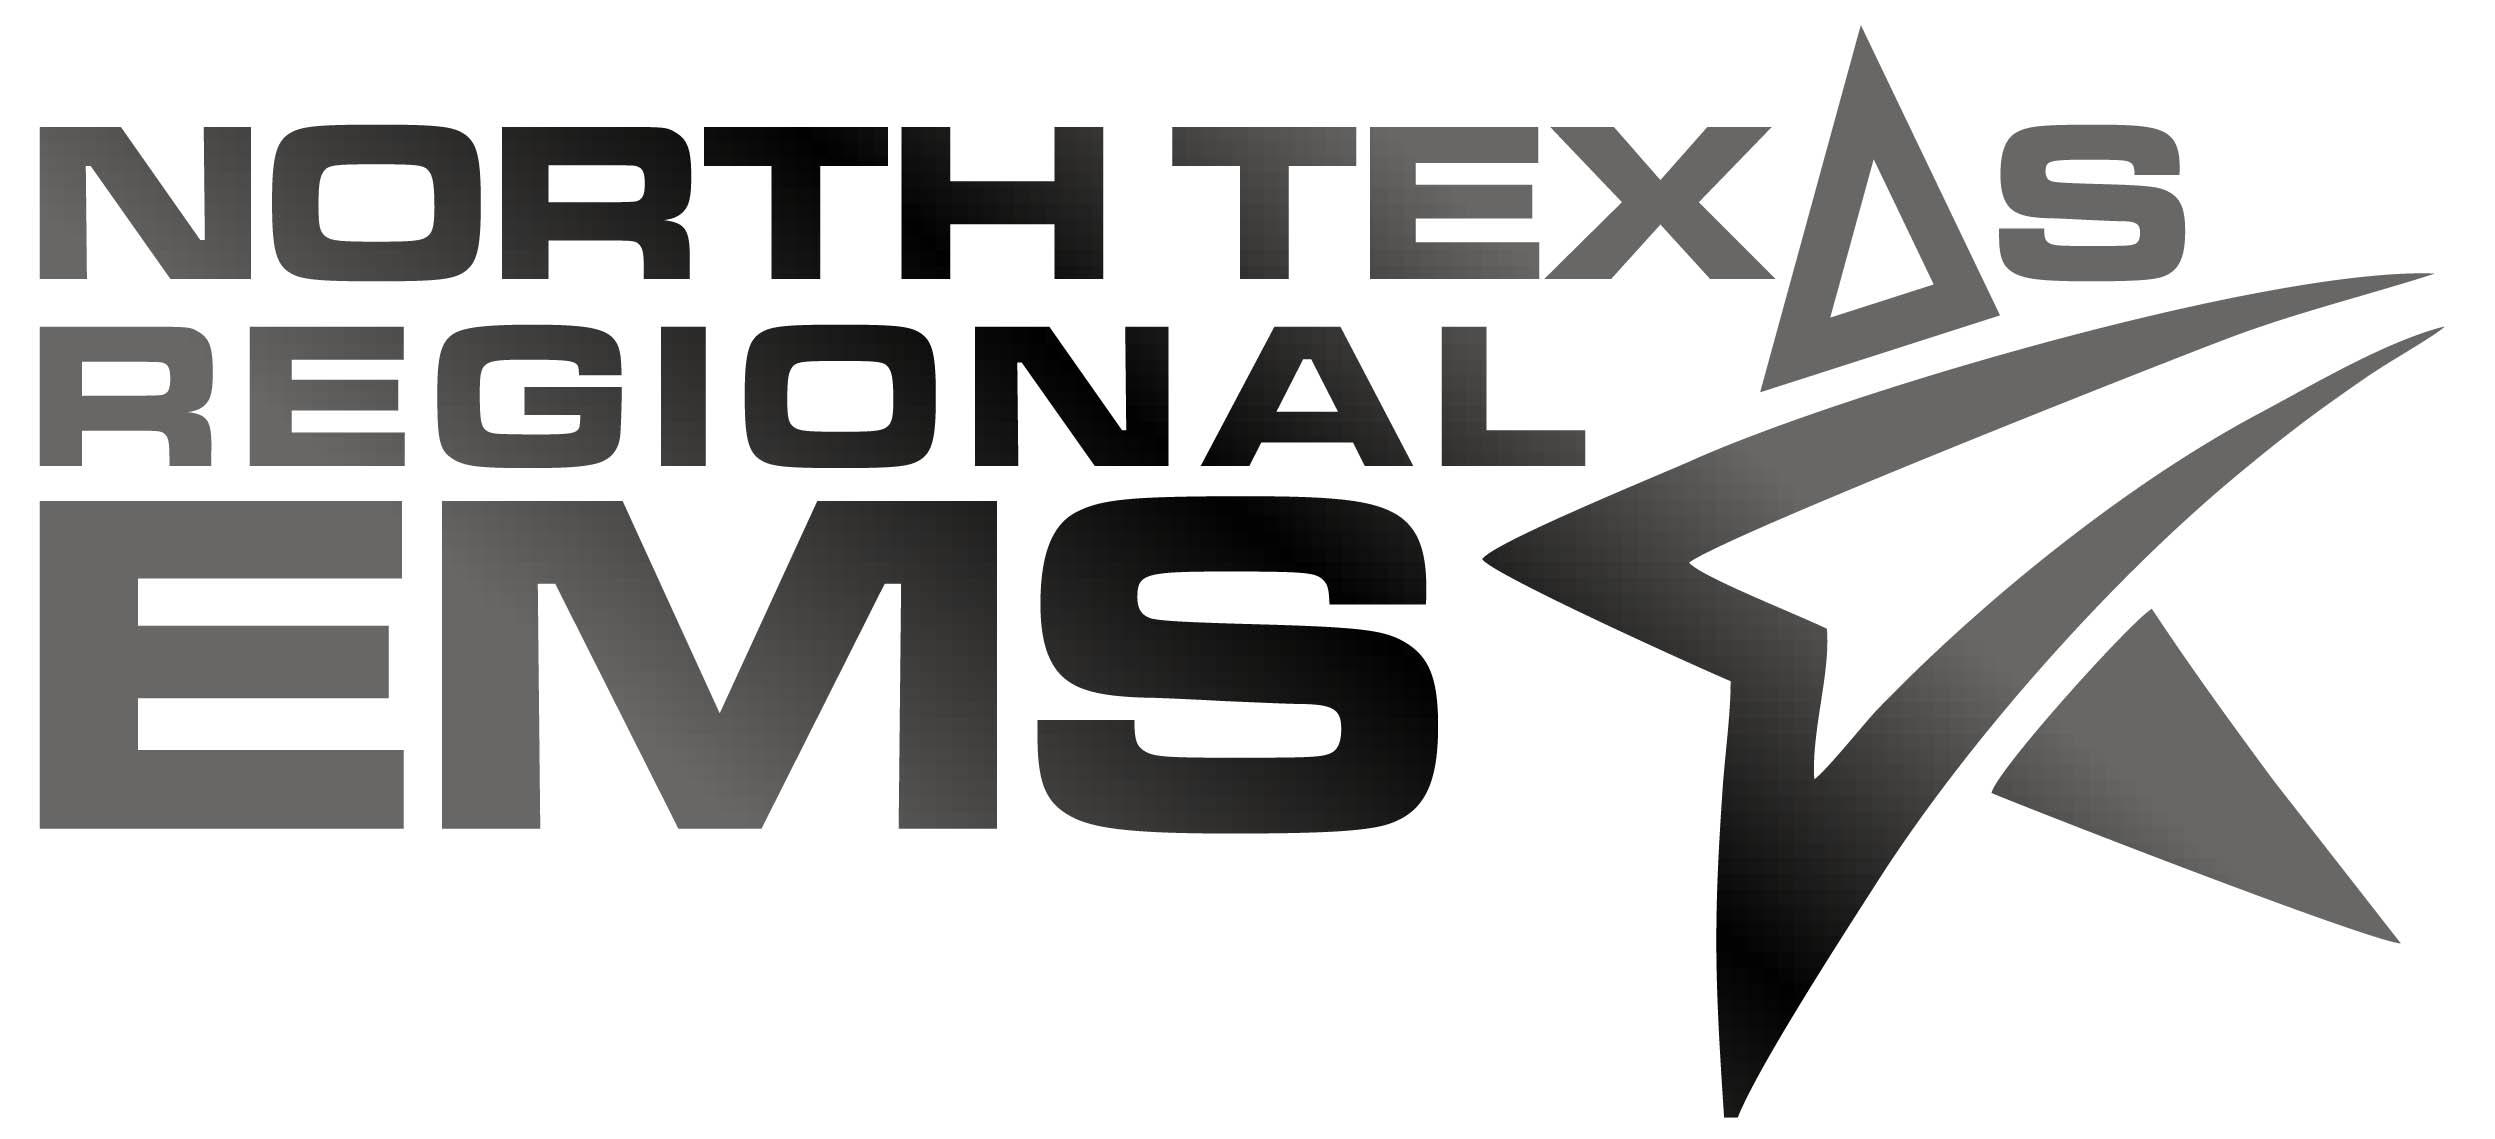 North-Texas-Regional-EMS-logo